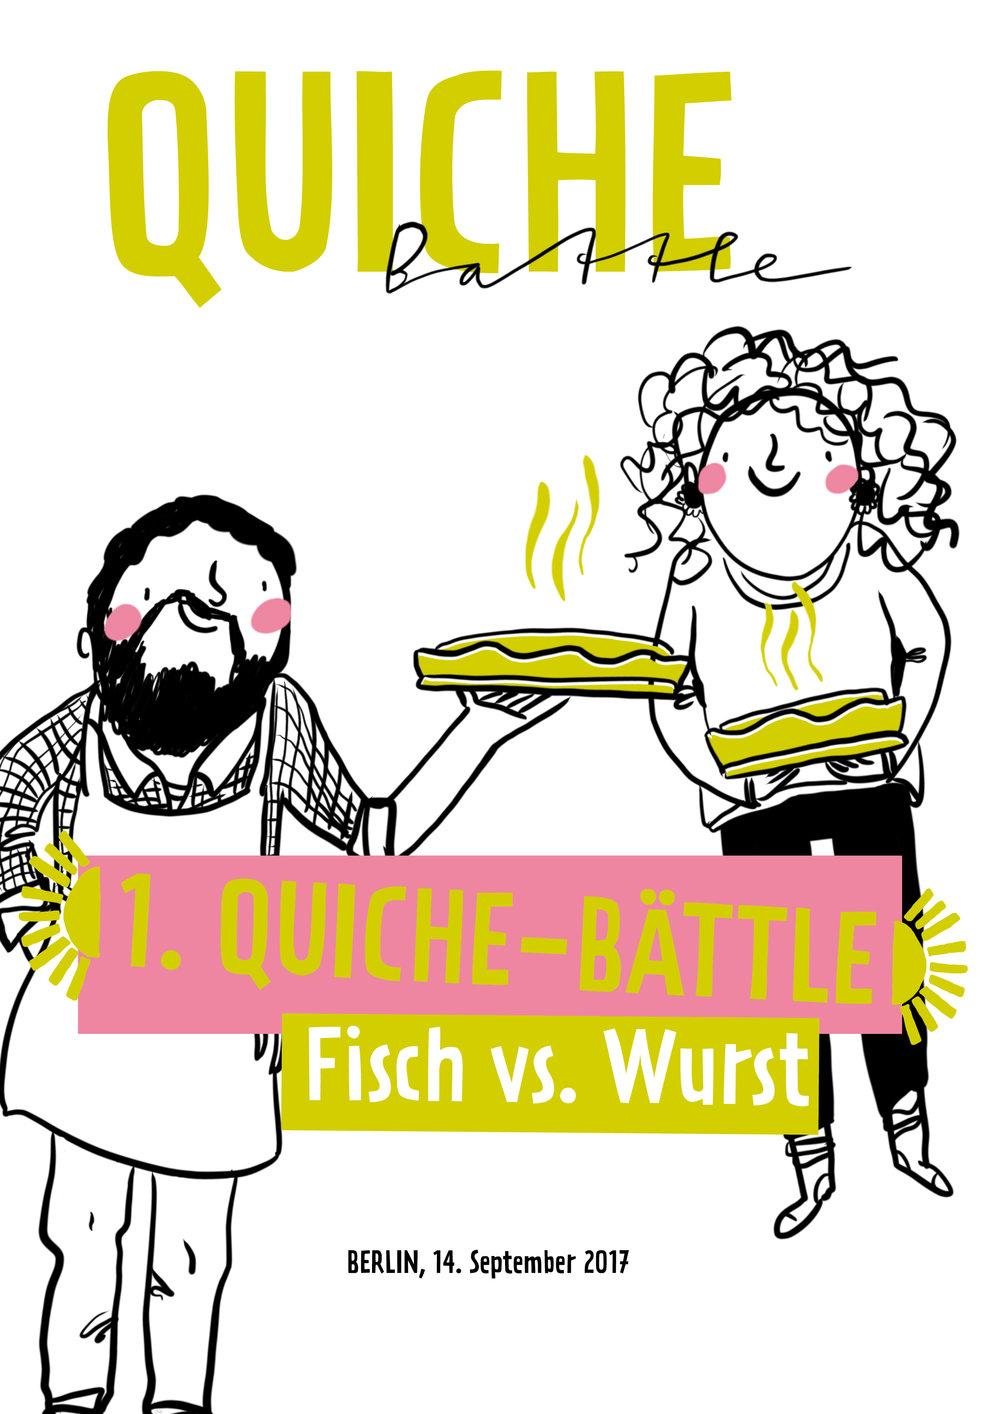 quiche-battle_kriterien_frolleinmotte.jpg